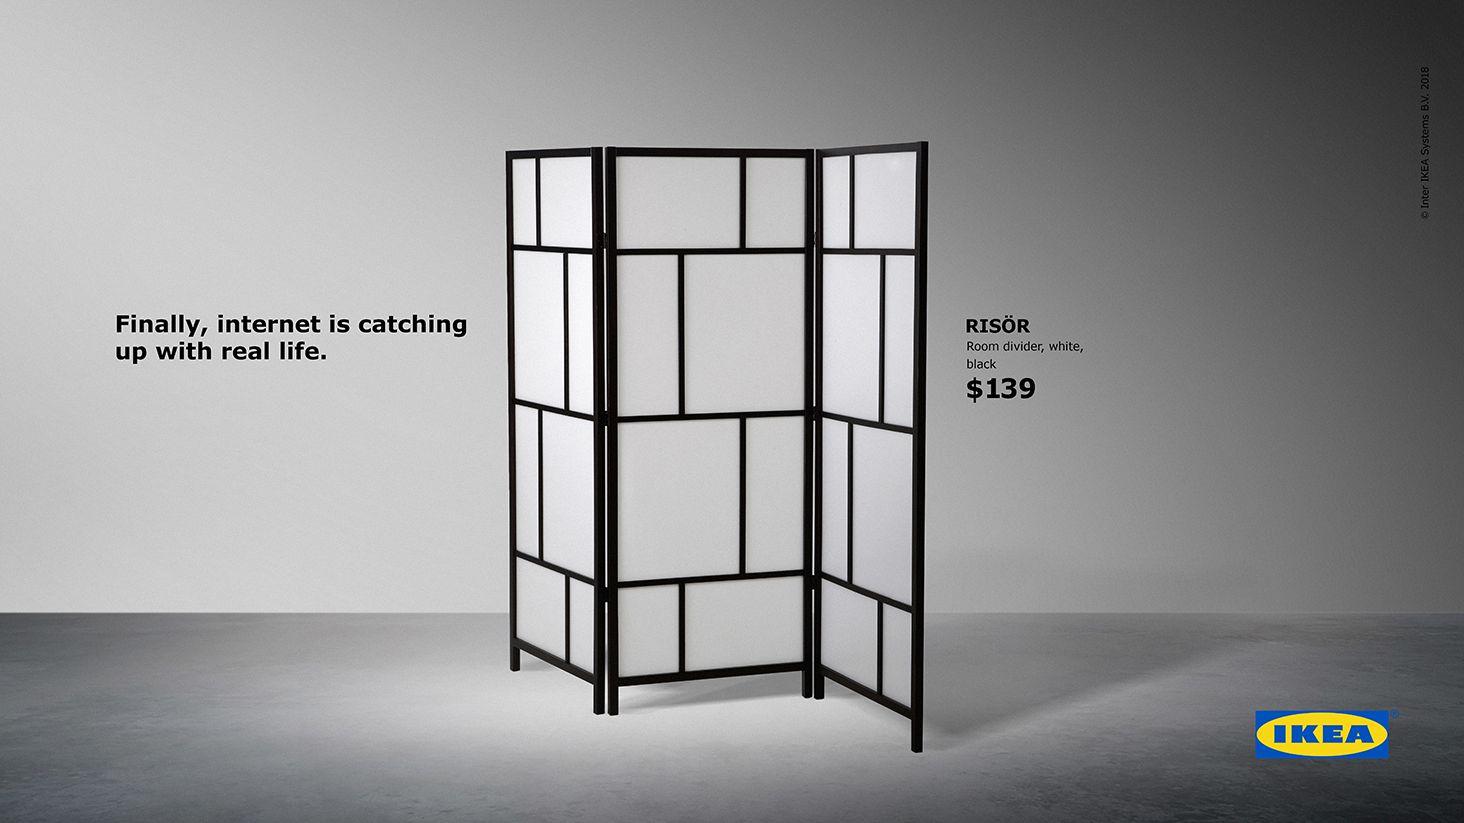 datenschutz so nutzt ikea die dsgvo f r werbung in eigener sache. Black Bedroom Furniture Sets. Home Design Ideas